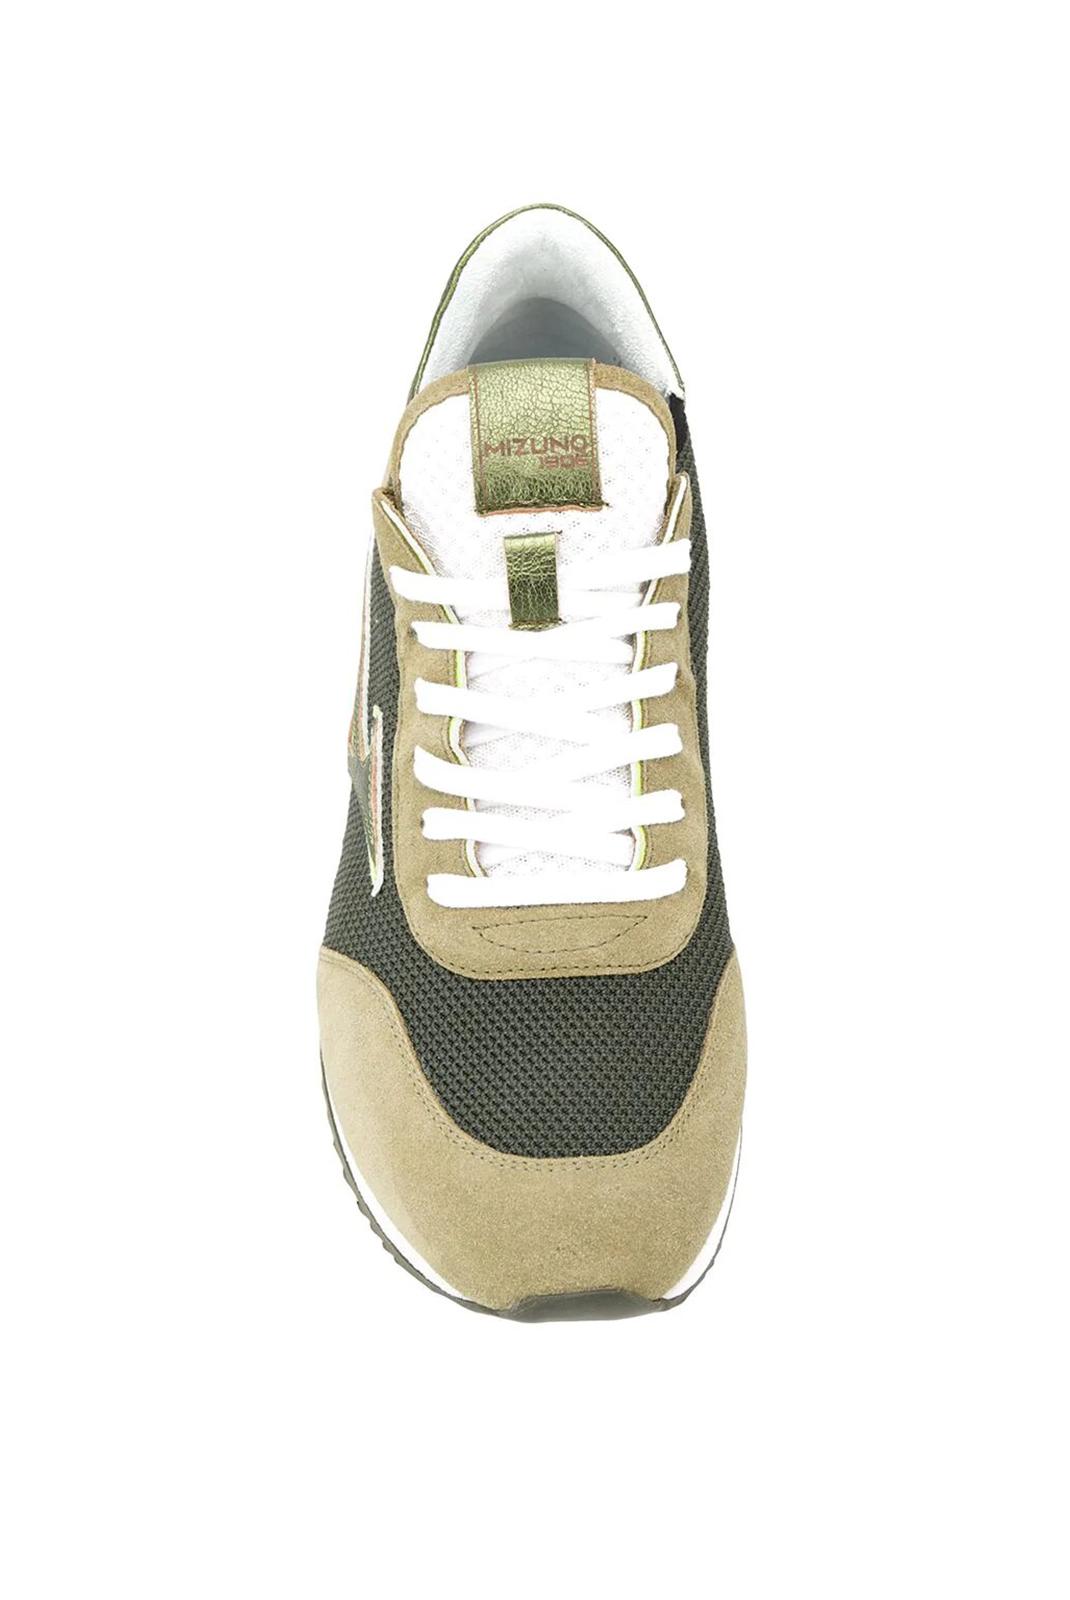 Chaussures   Mizuno D1GB195985 ETAMIN  ETAMIN ELASTIC DARK GREEN/GR